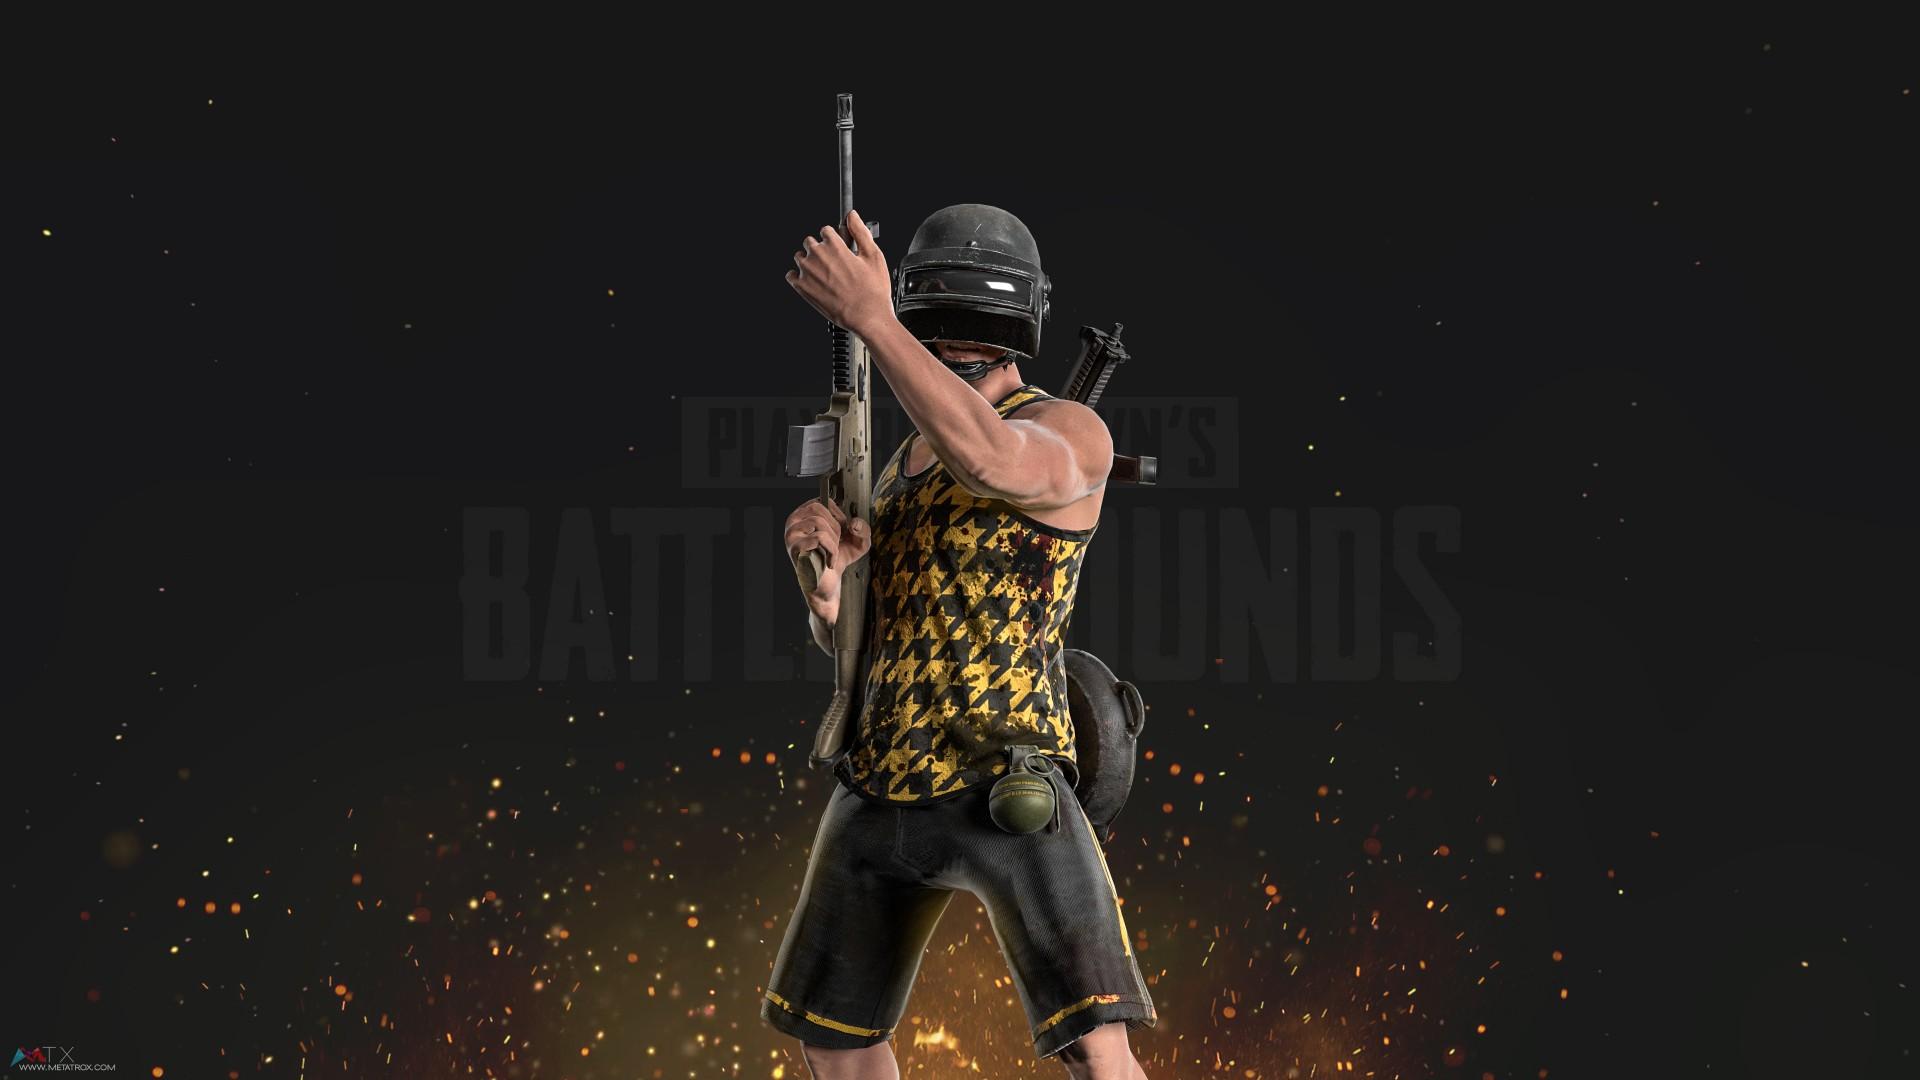 Pubg Wallpaper 1440p Pubg Playerunknown S Battlegrounds 4k Wallpapers Hd